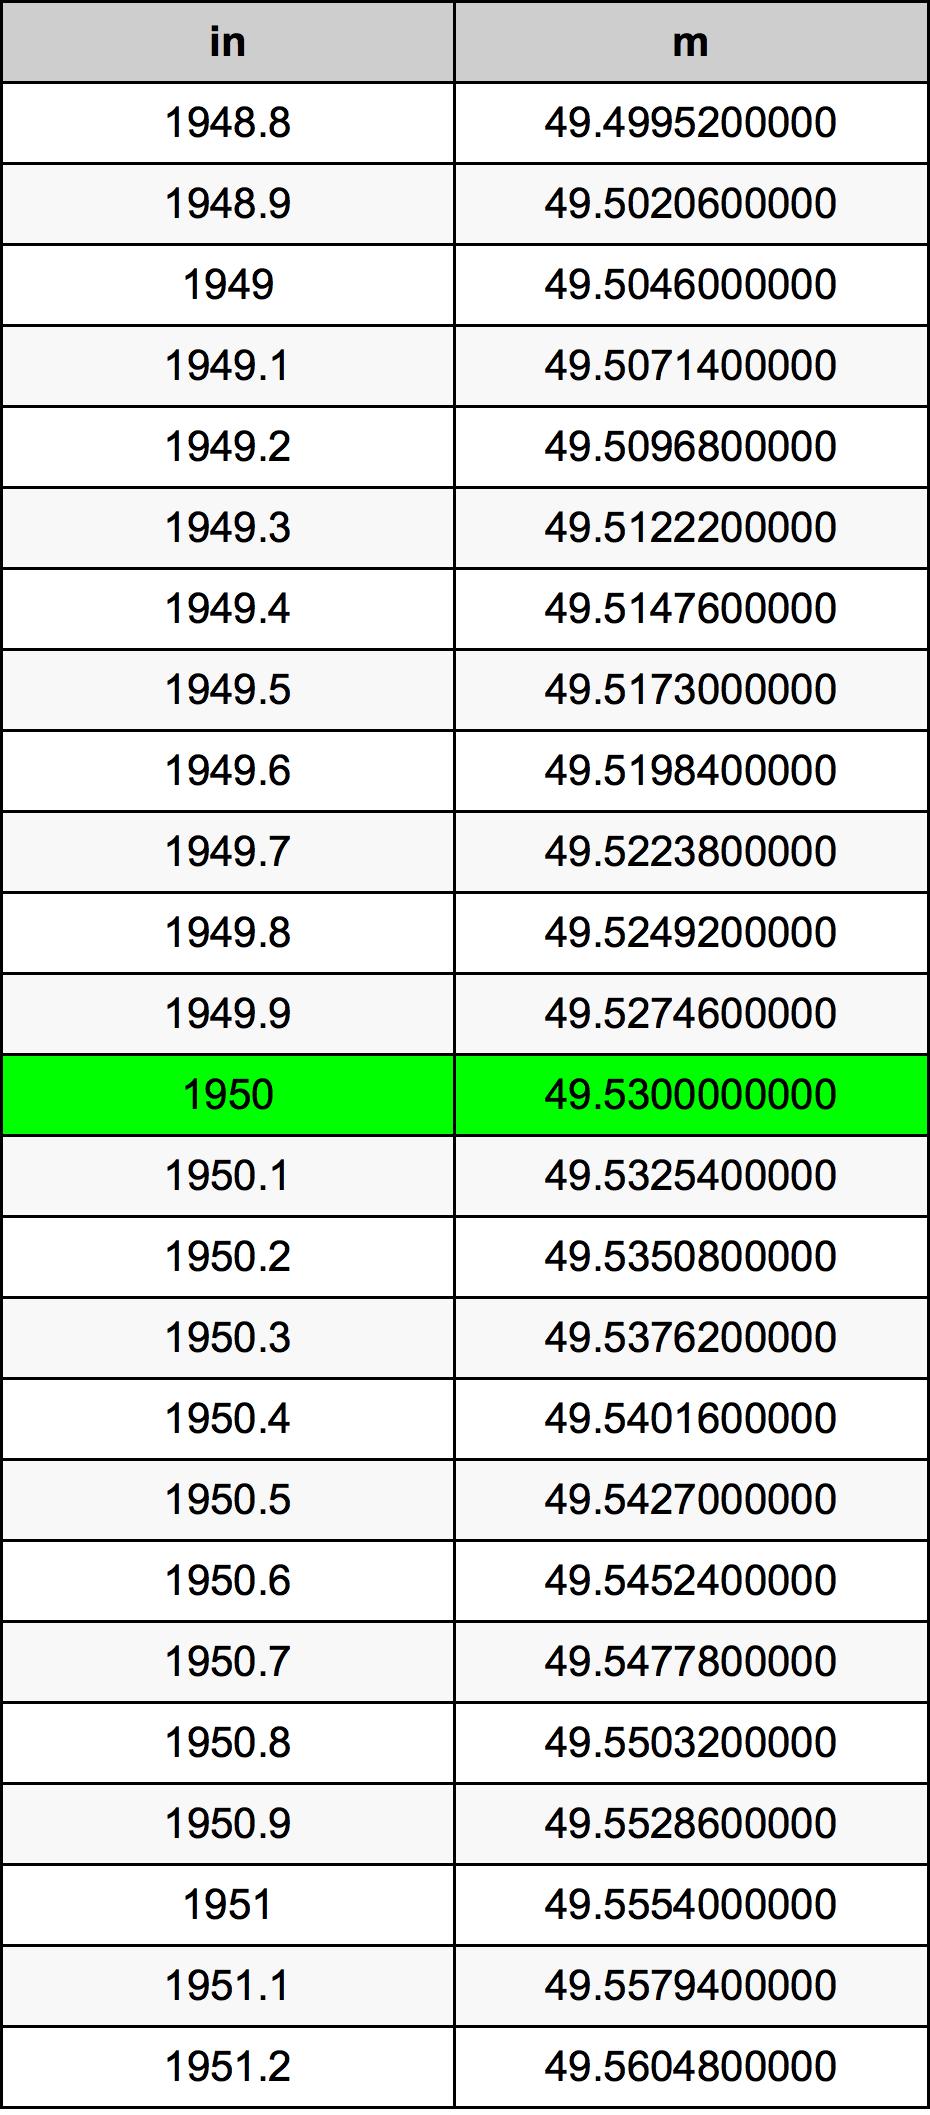 1950 Țol tabelul de conversie